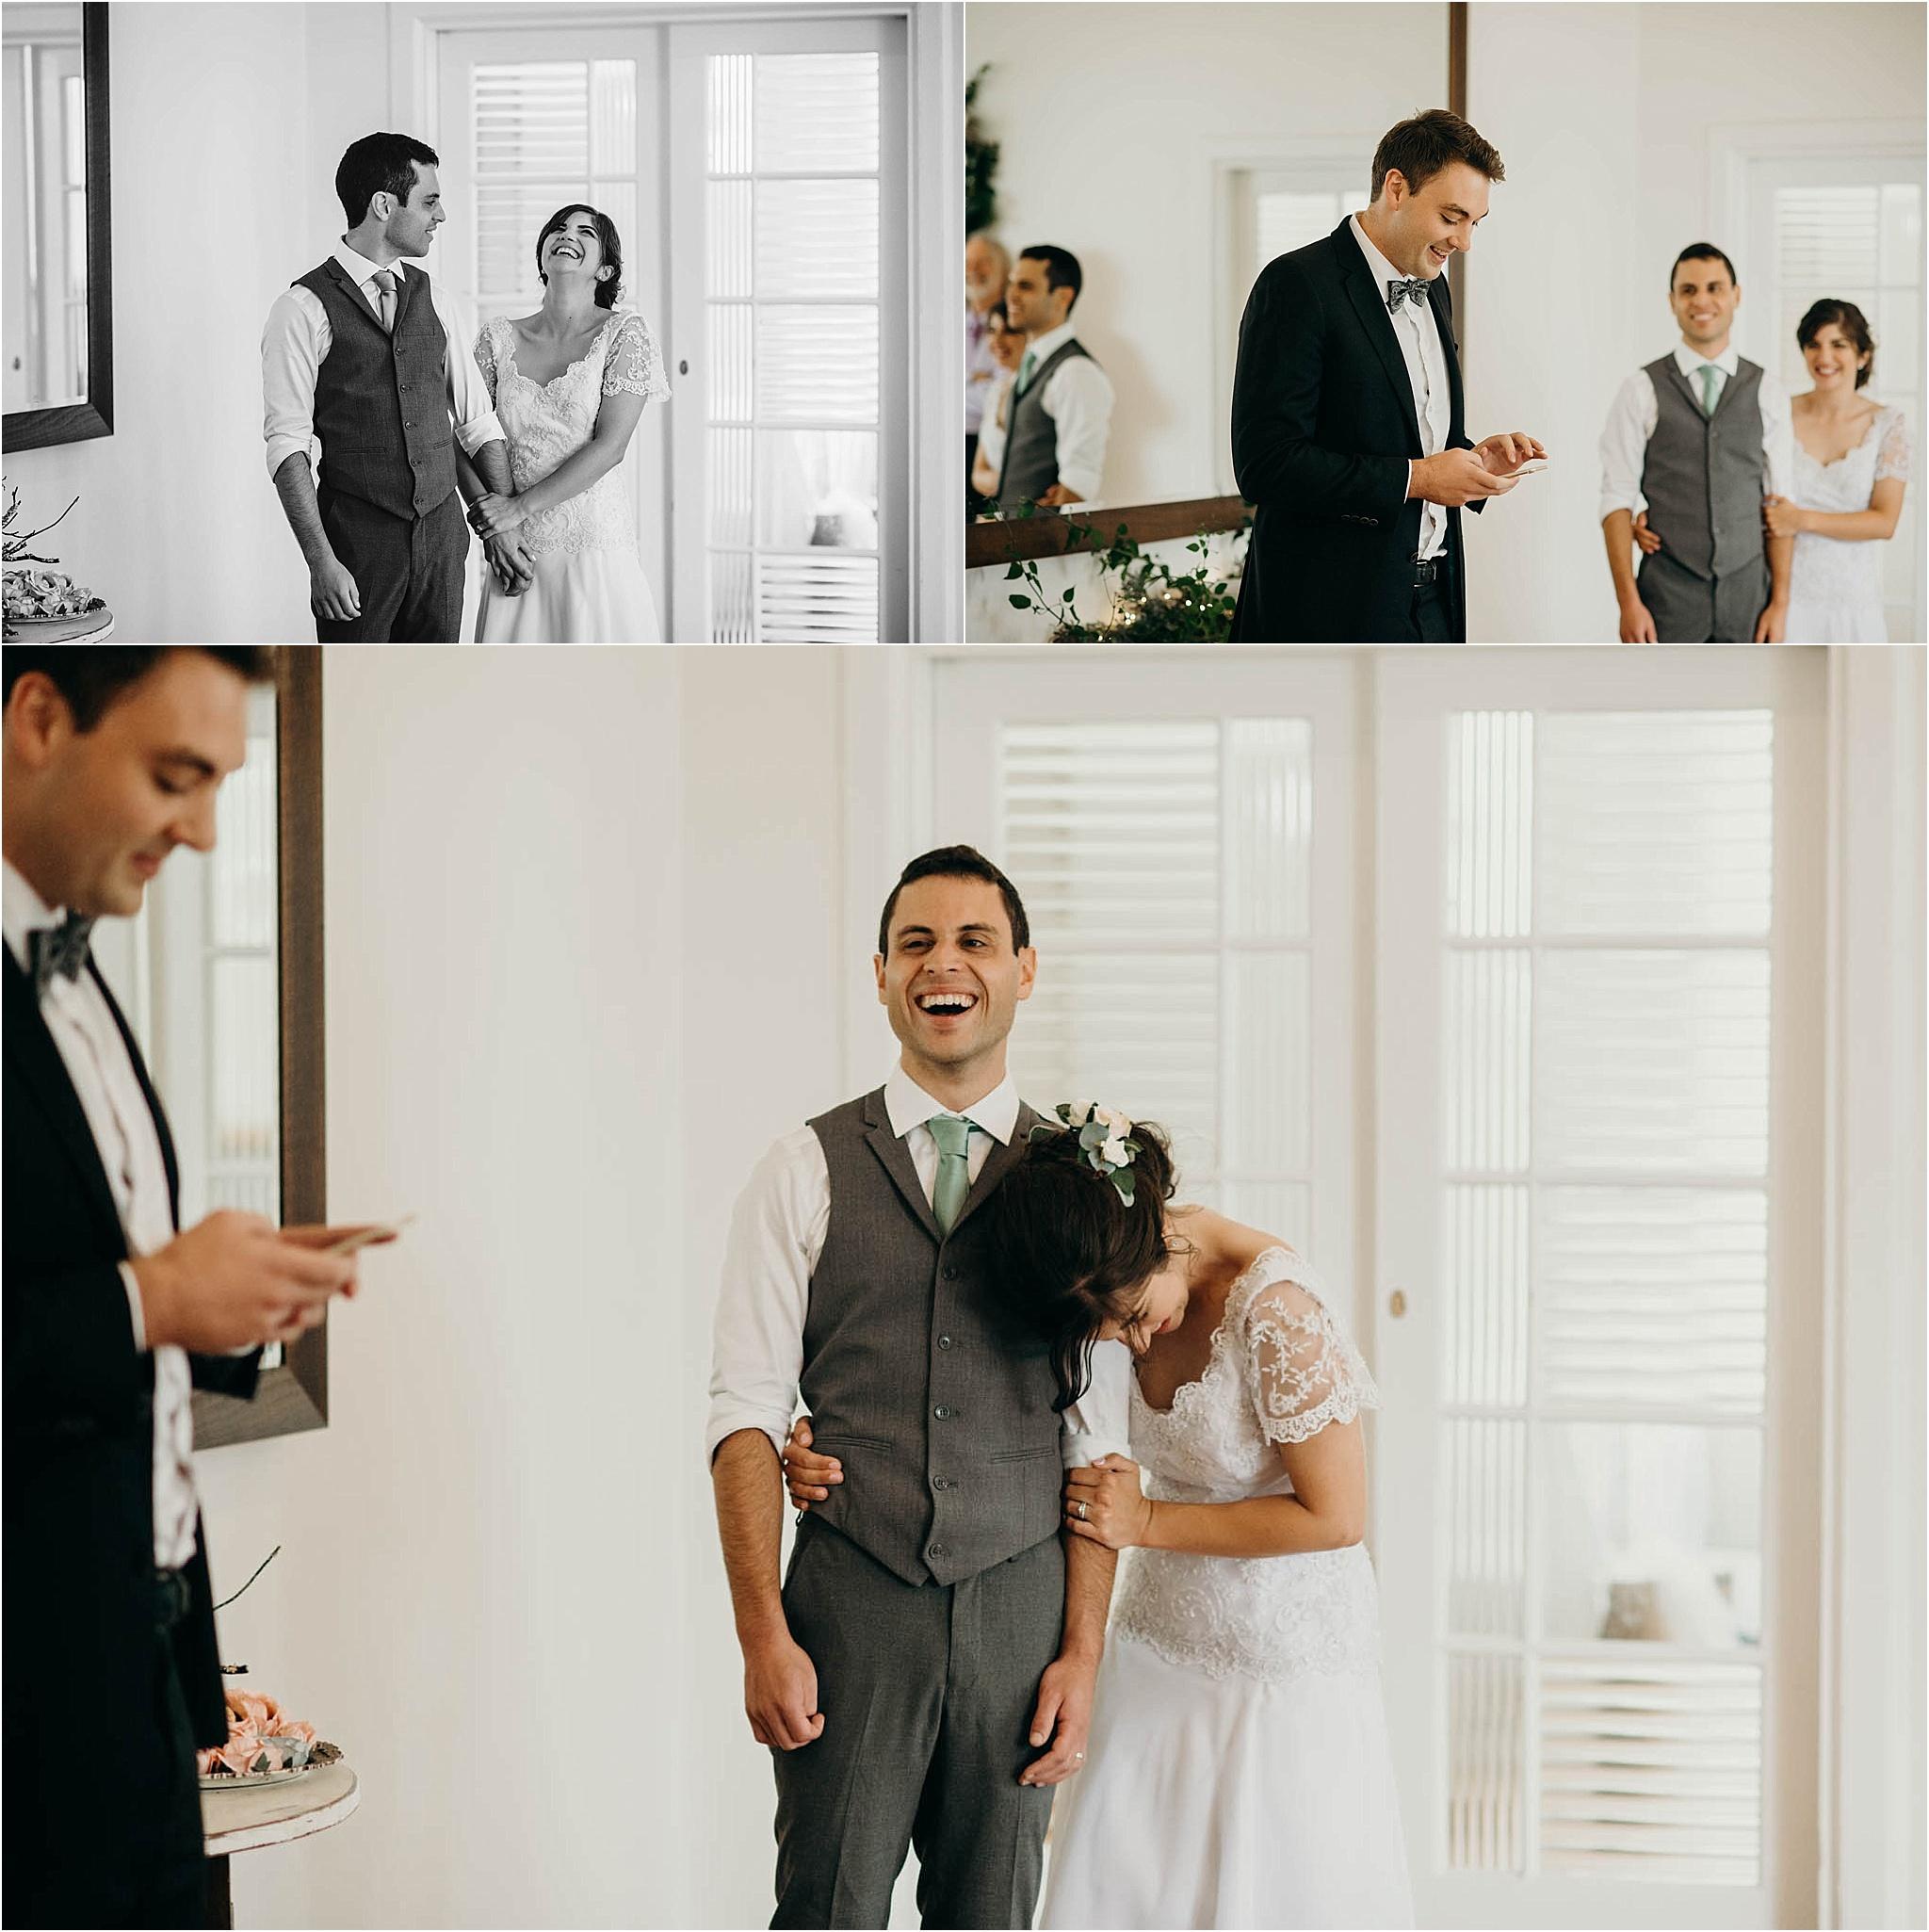 Auckland-Wedding-Photographer-Vanessa-Julian-Officers-Mess-Married_0038.jpg